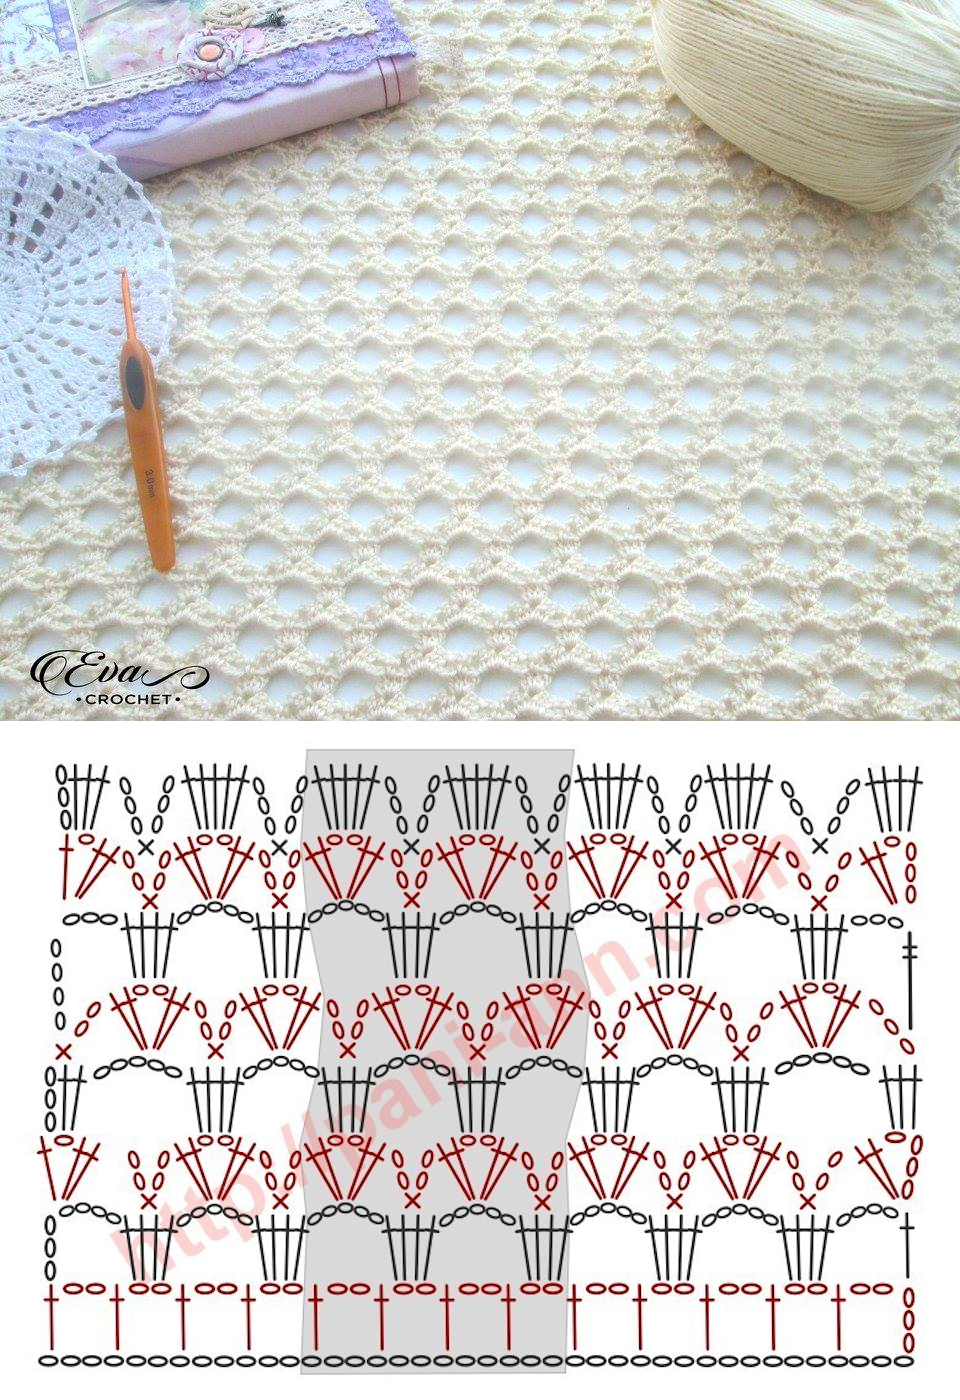 Crochet Lacy Stitch | Puntadas | Pinterest | Häkelmuster, Häkeln und ...